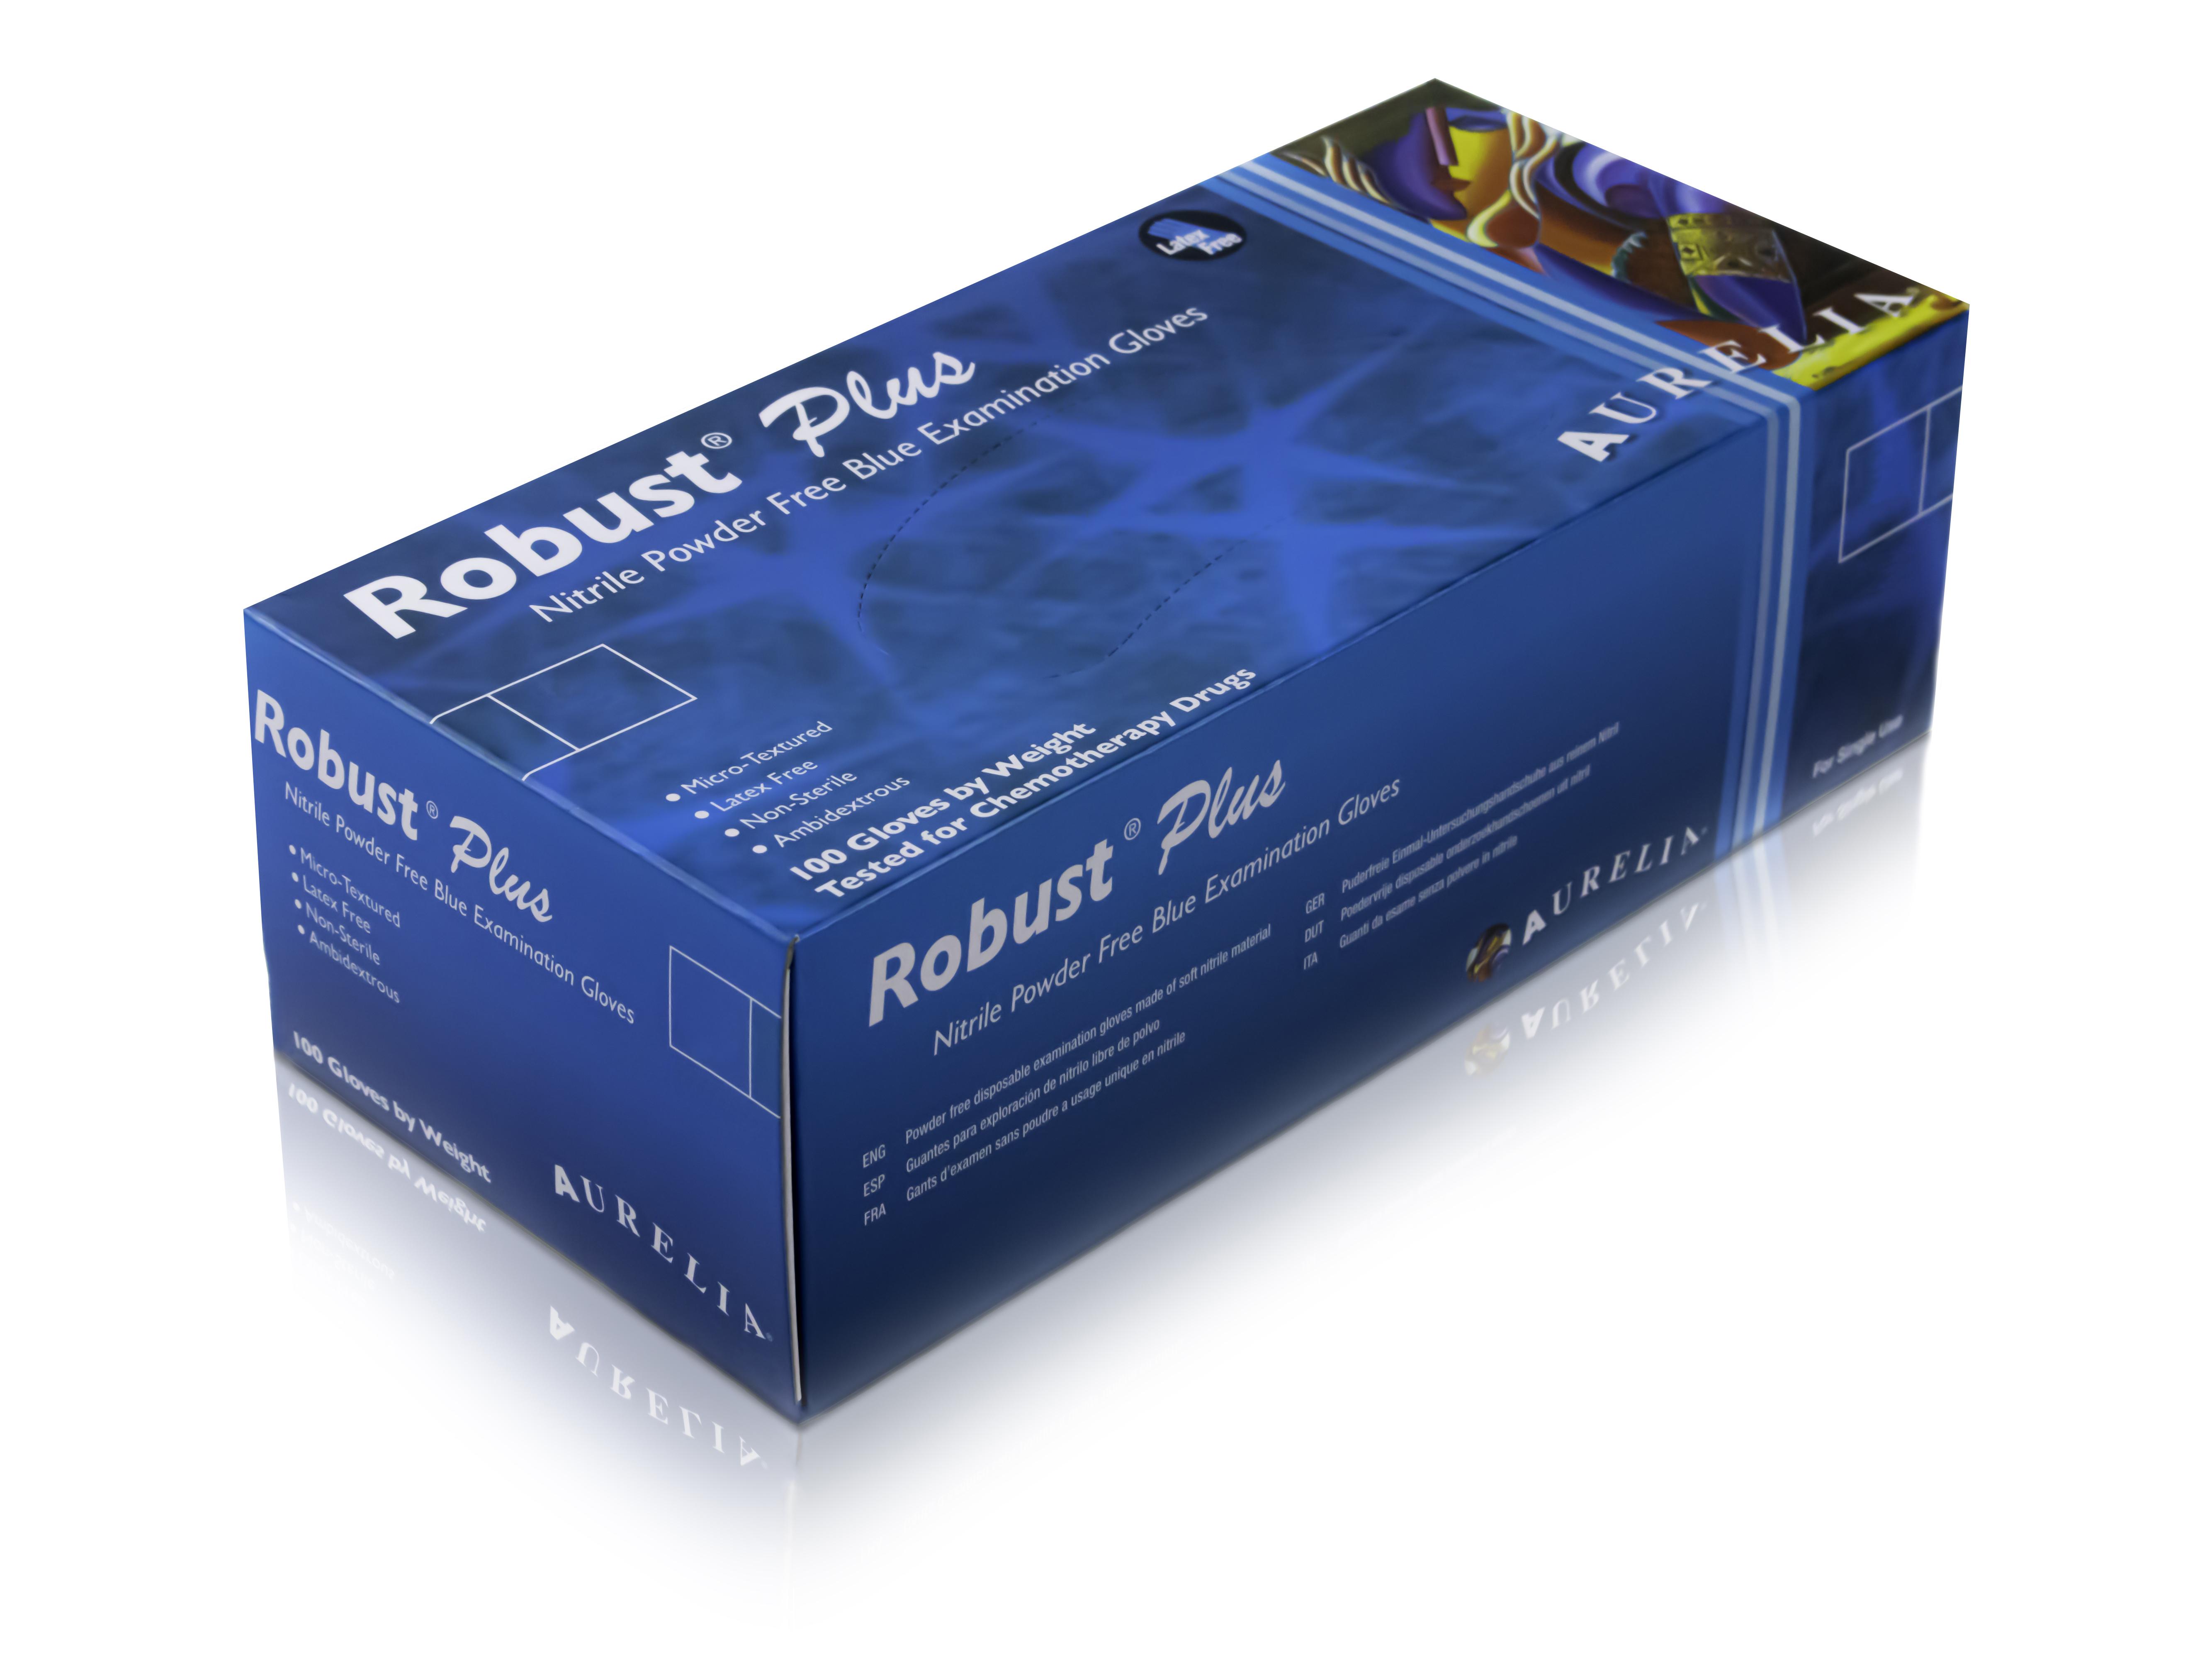 Robust Plus®